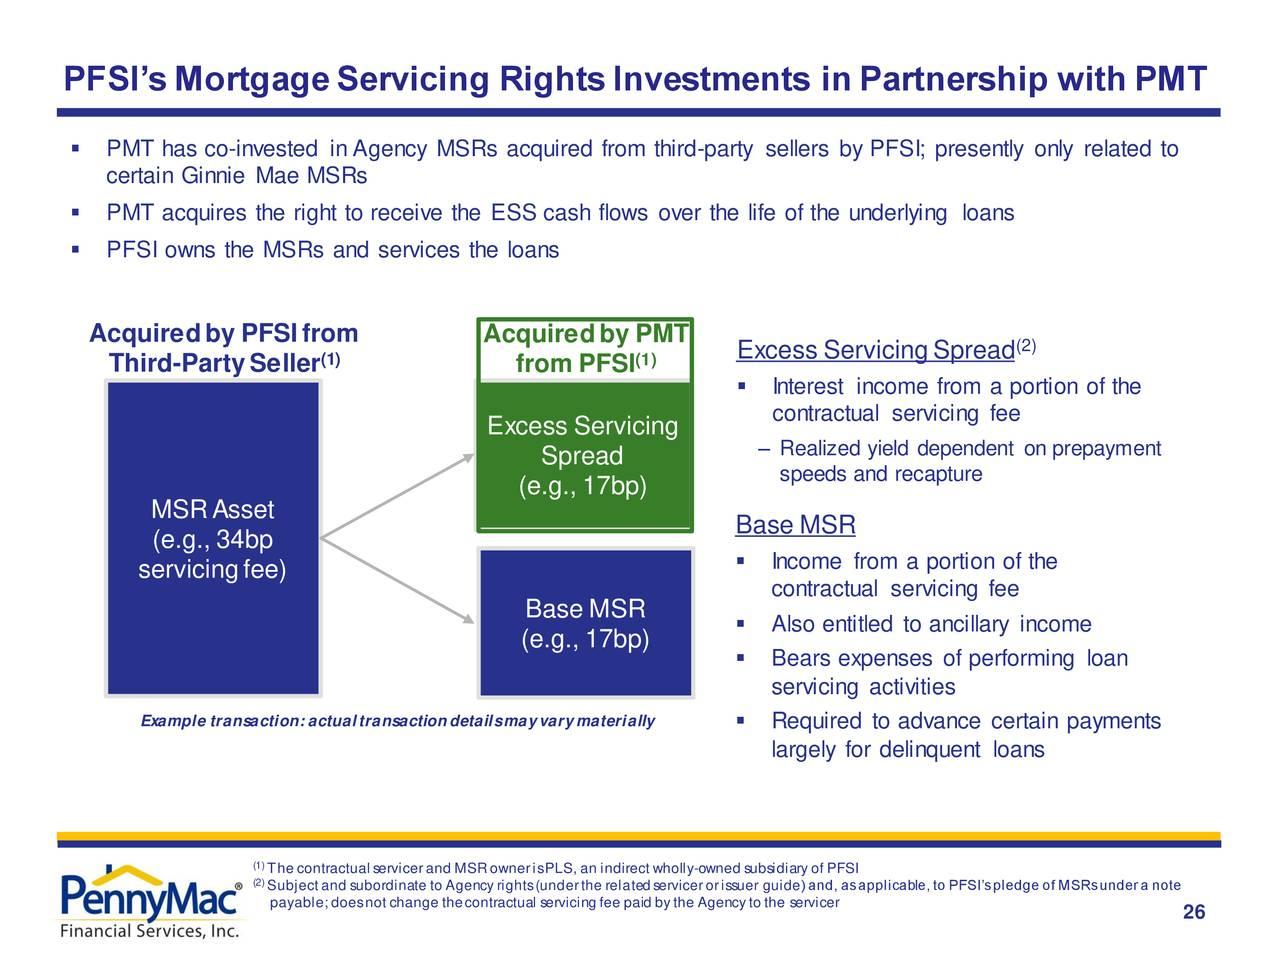 Derechos de prestación de servicios hipotecarios de PFSI Inversiones en asociación con PMT